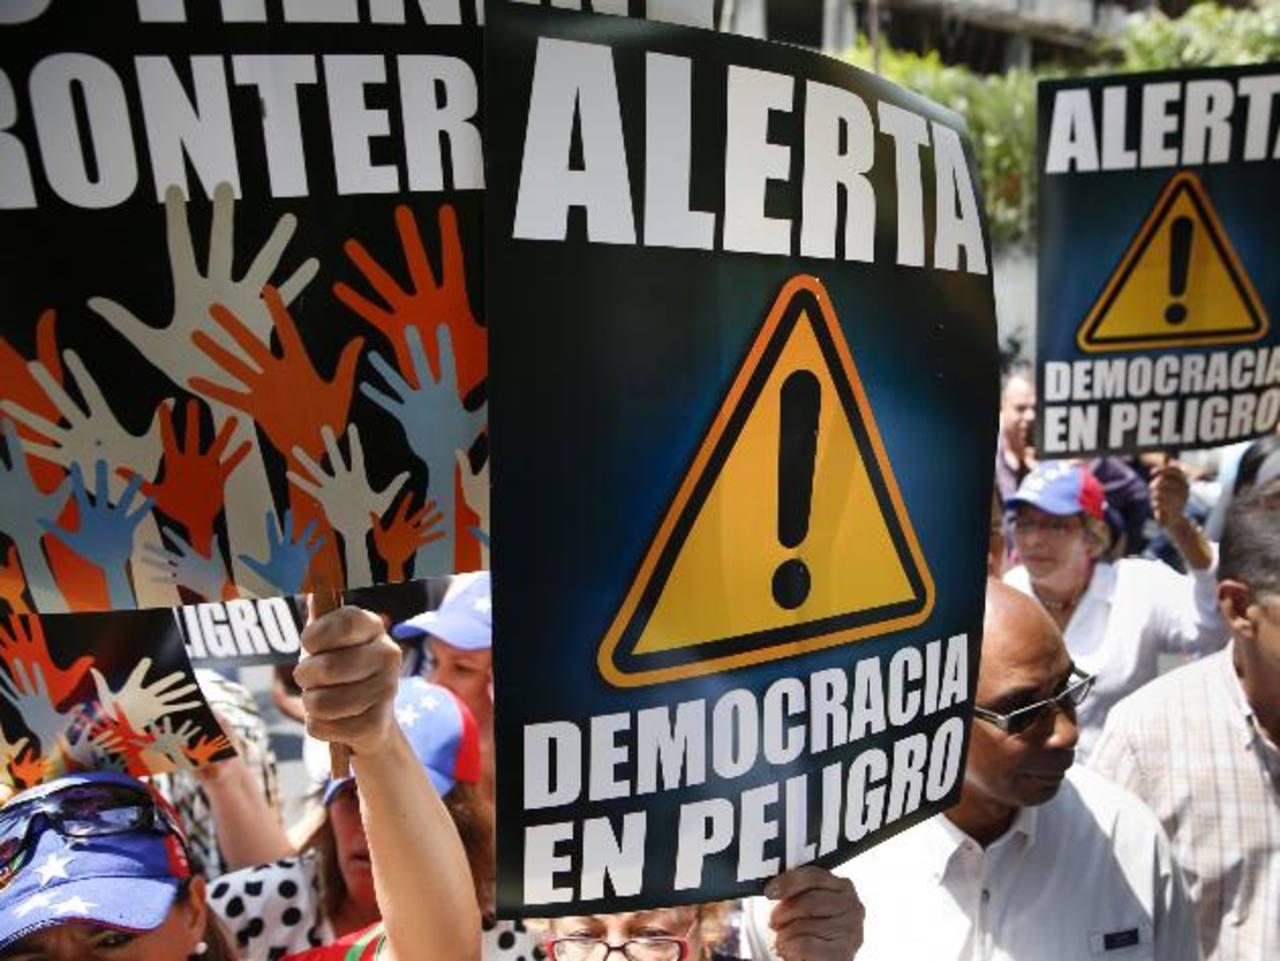 Manifestantes opositores sostienen pancartas ayer durante una protesta contra el Gobierno de Nicolás Maduro, frente a Embajada de Portugal en Caracas. Hoy se cumple un mes de incesantes marchas en ese país. foto edh/Reuters